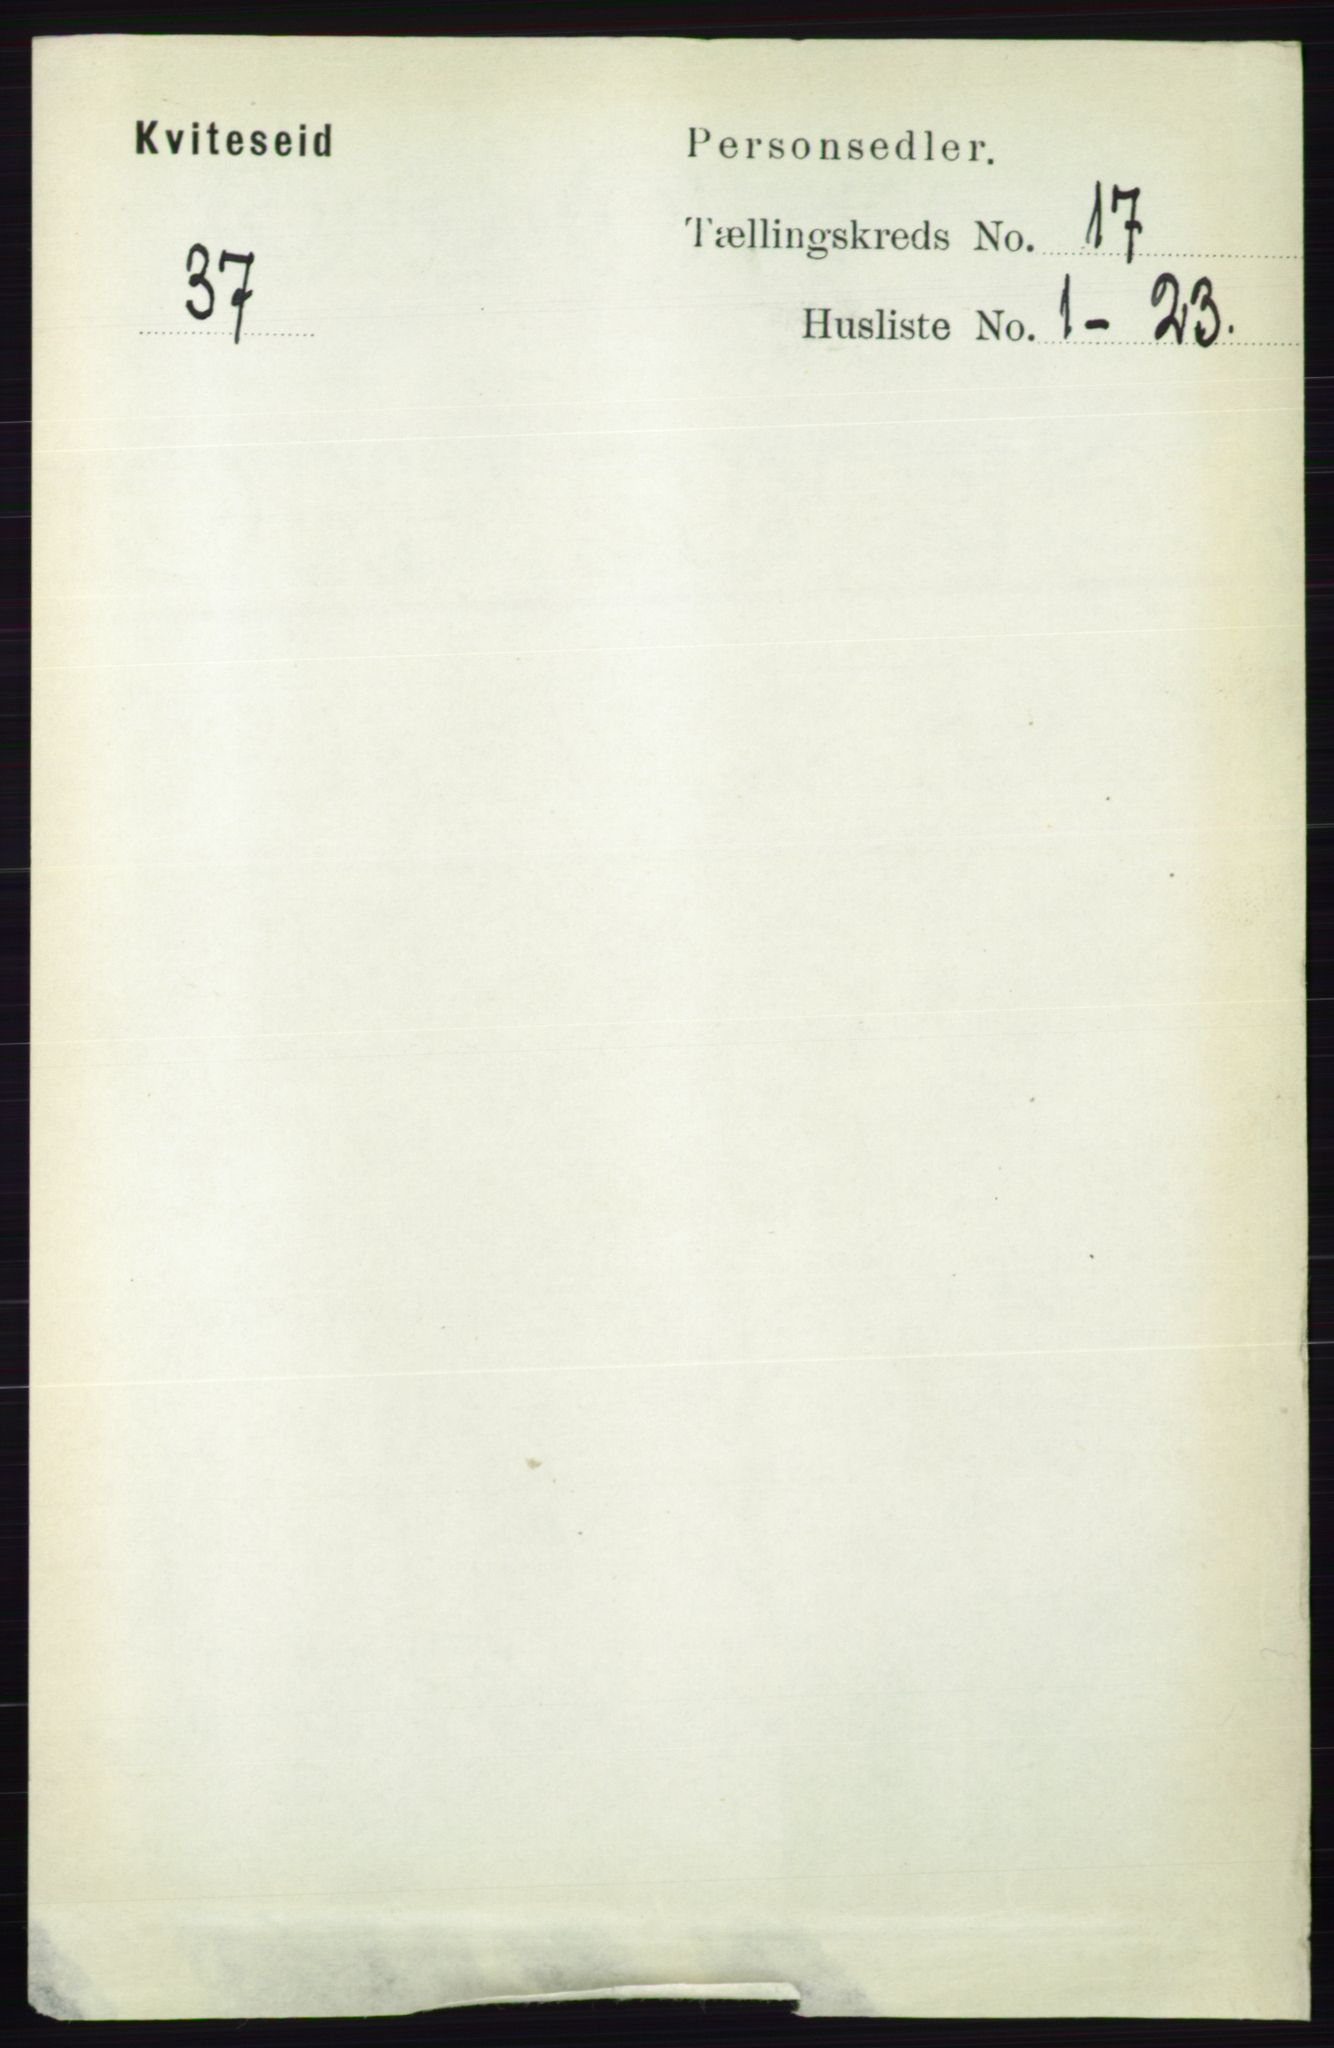 RA, Folketelling 1891 for 0829 Kviteseid herred, 1891, s. 3778